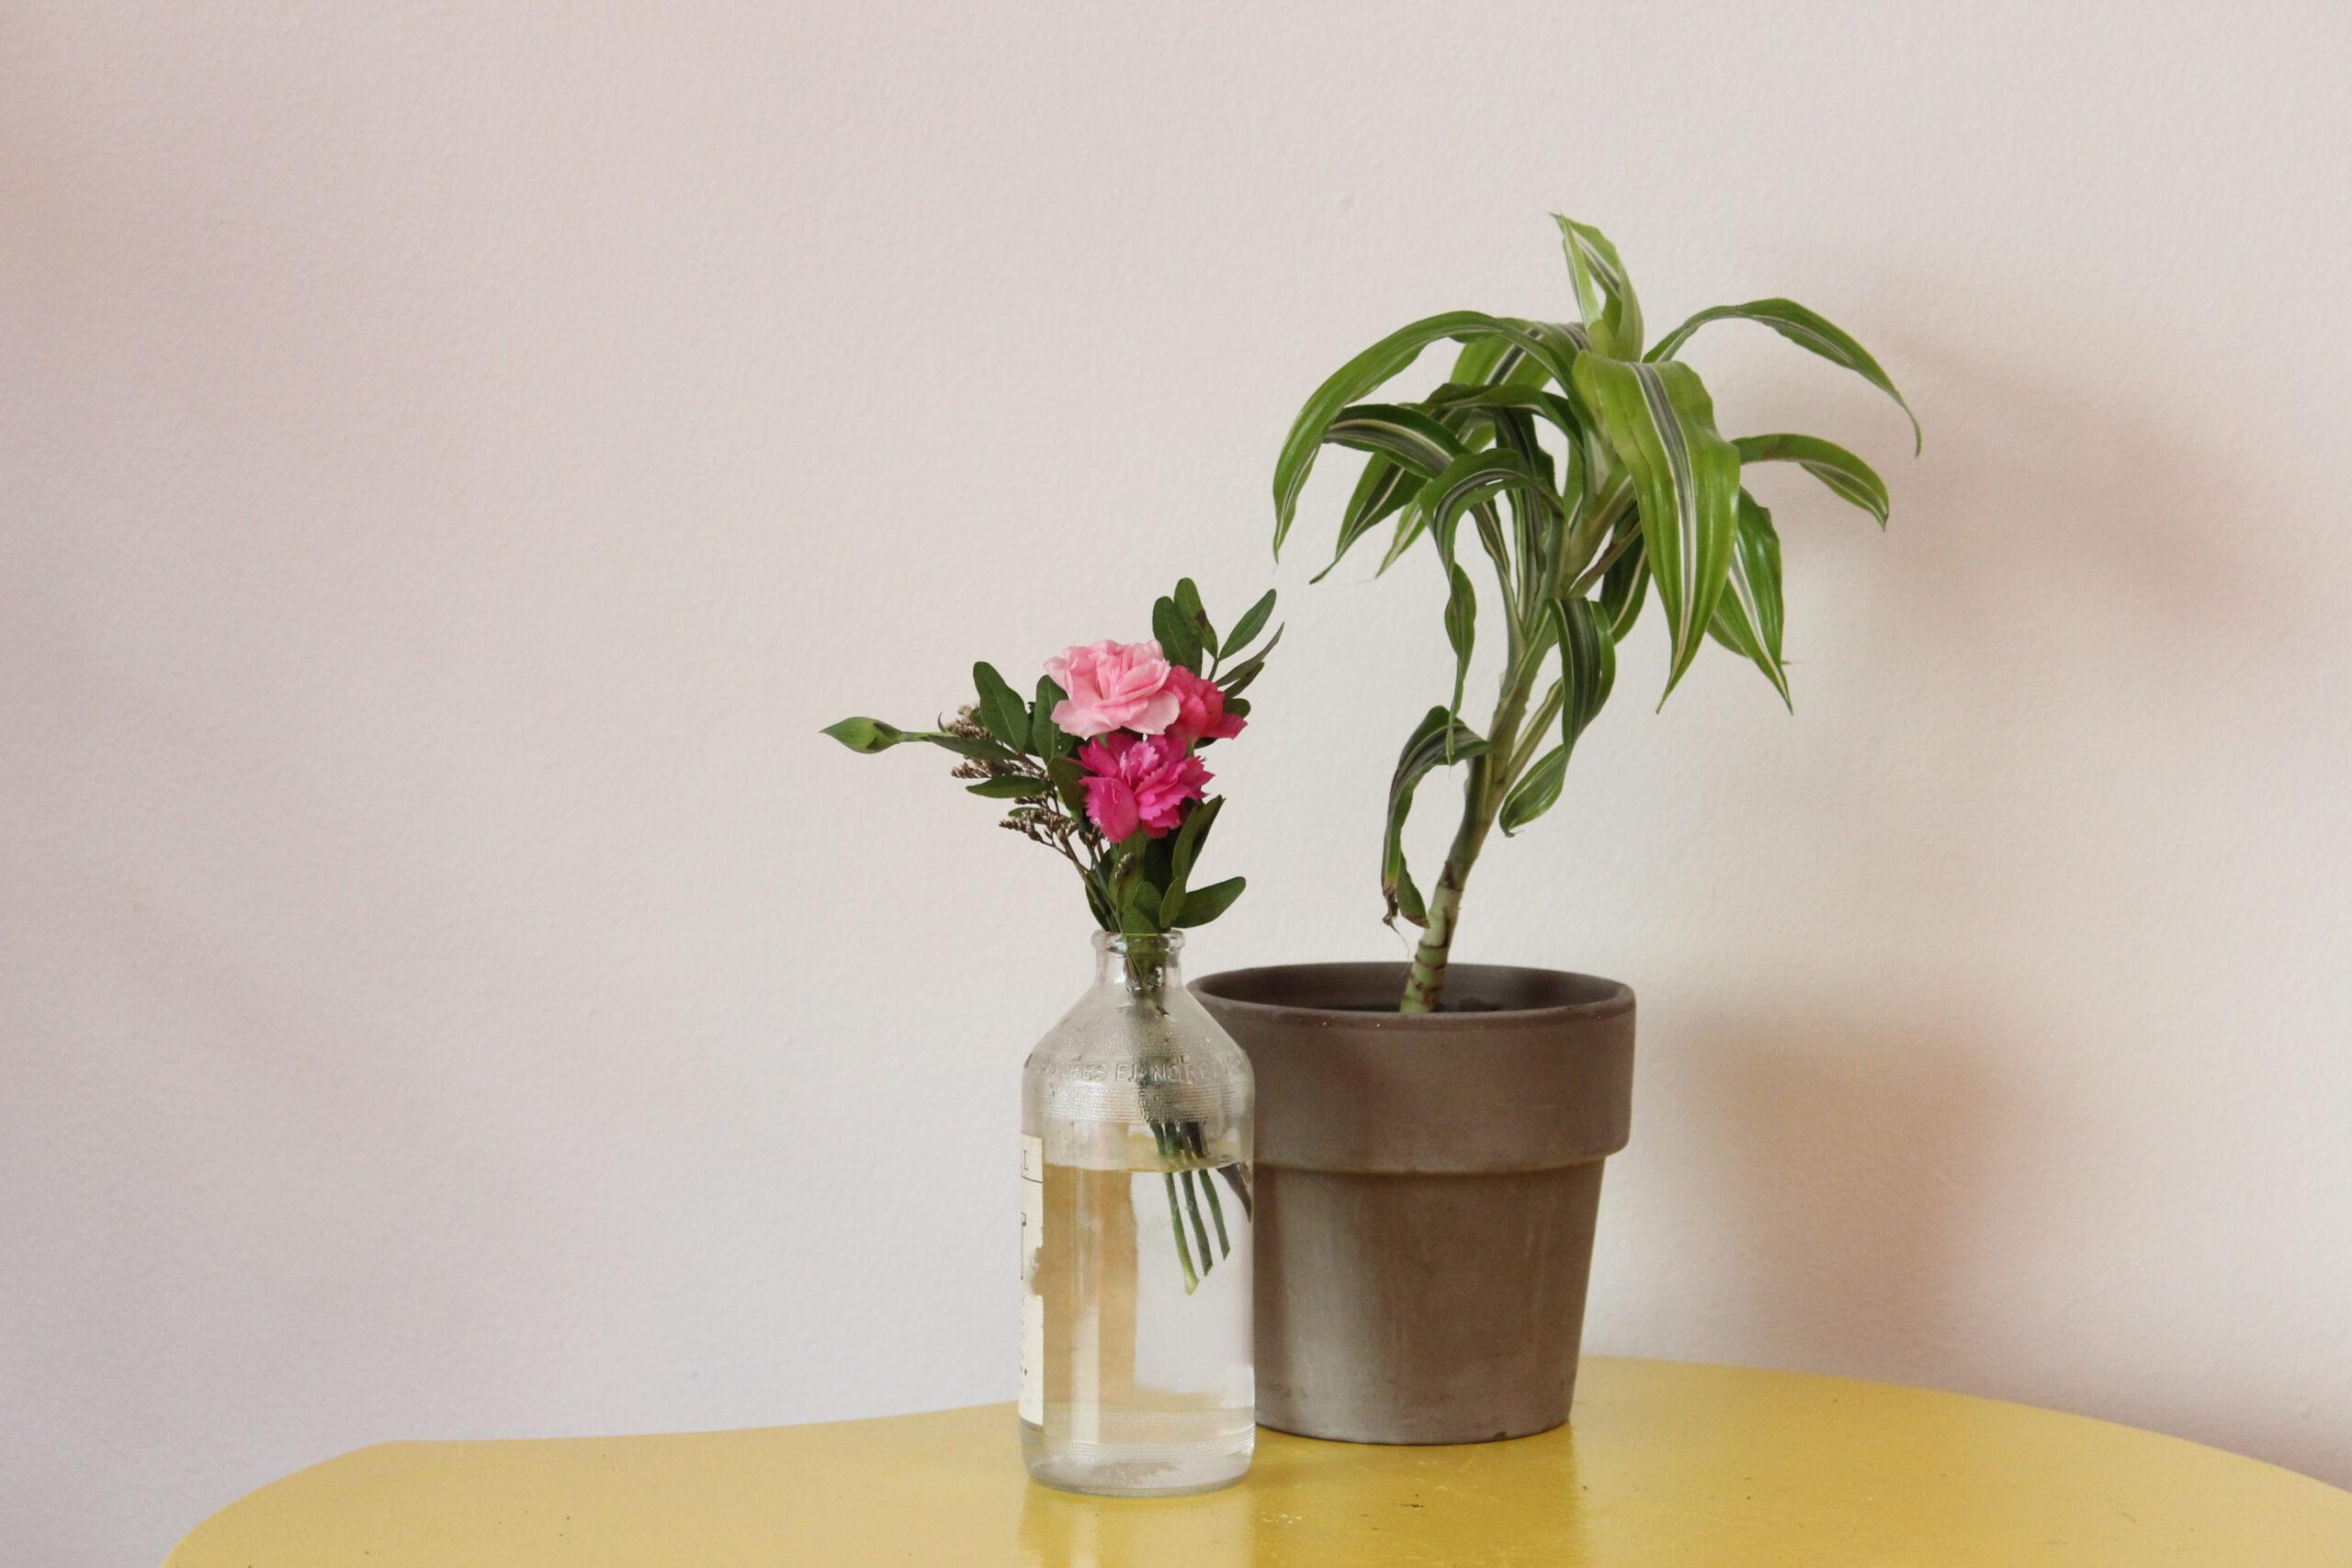 Kasvi ruukussa ja 2 kukkaa läpinäkyvässä maljakossa keltaisella pöydällä seinää vasten